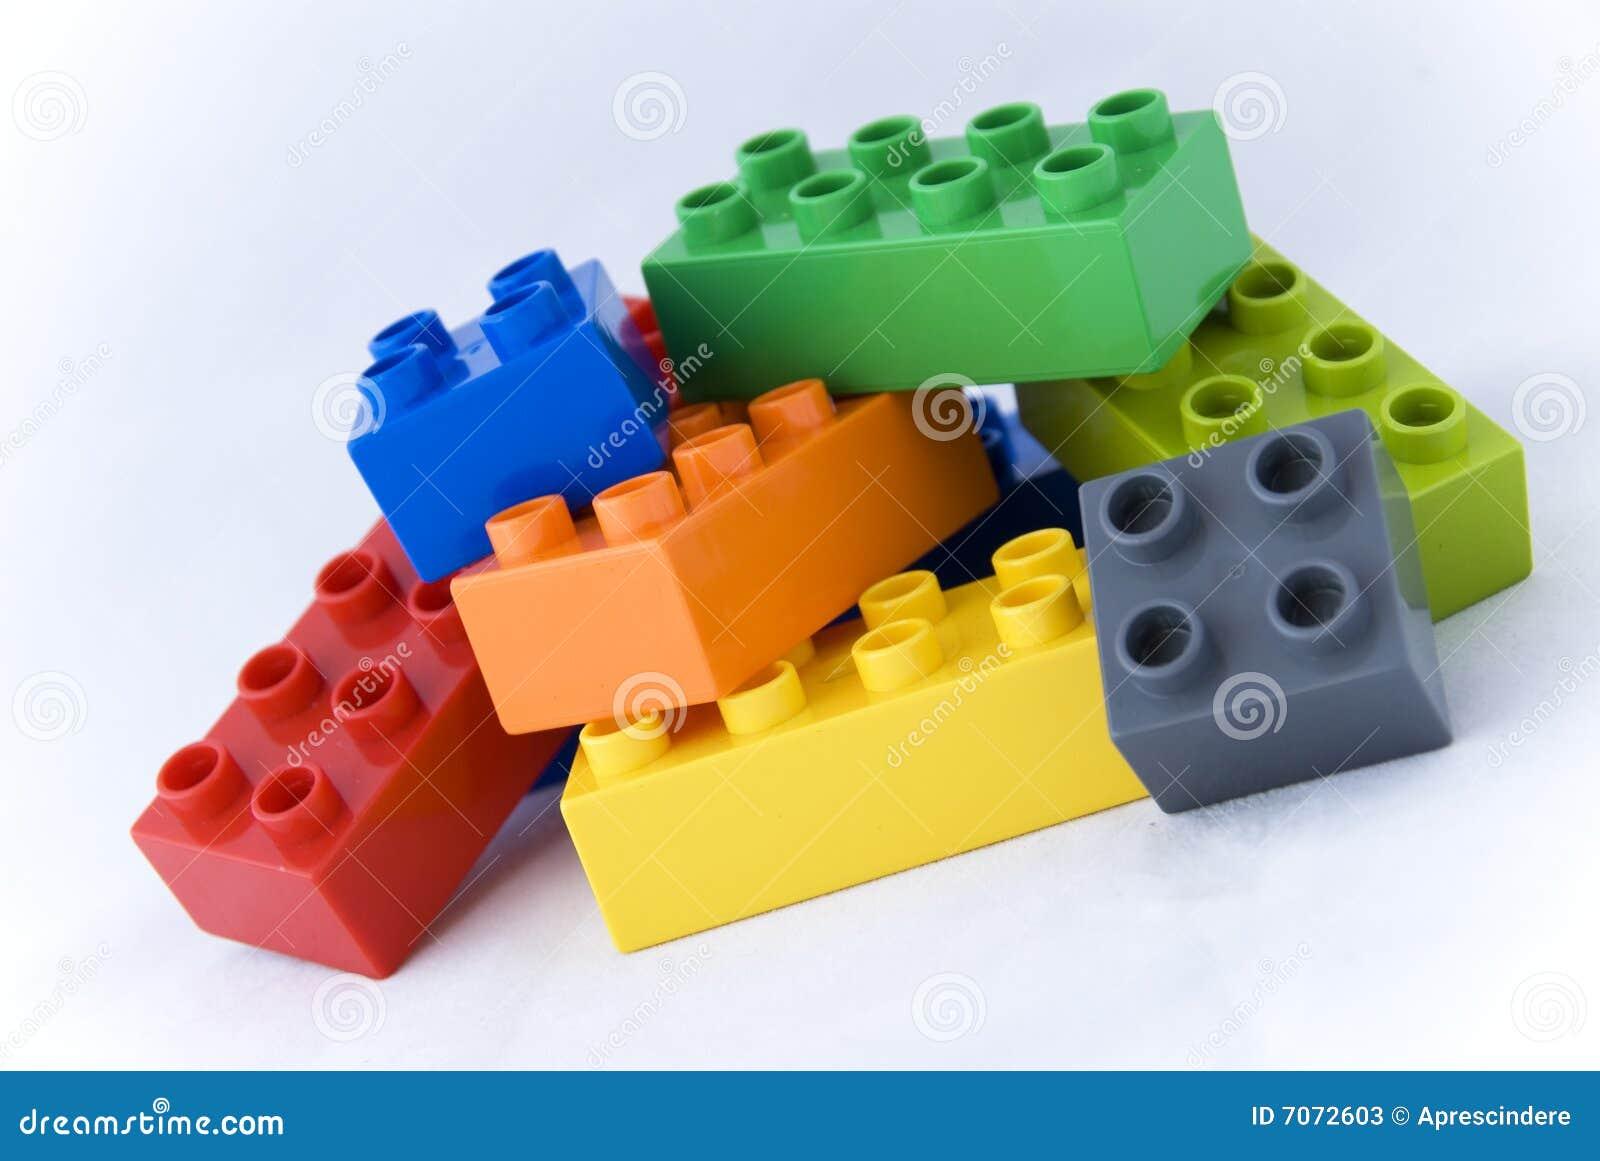 Brown Plastic Building Blocks